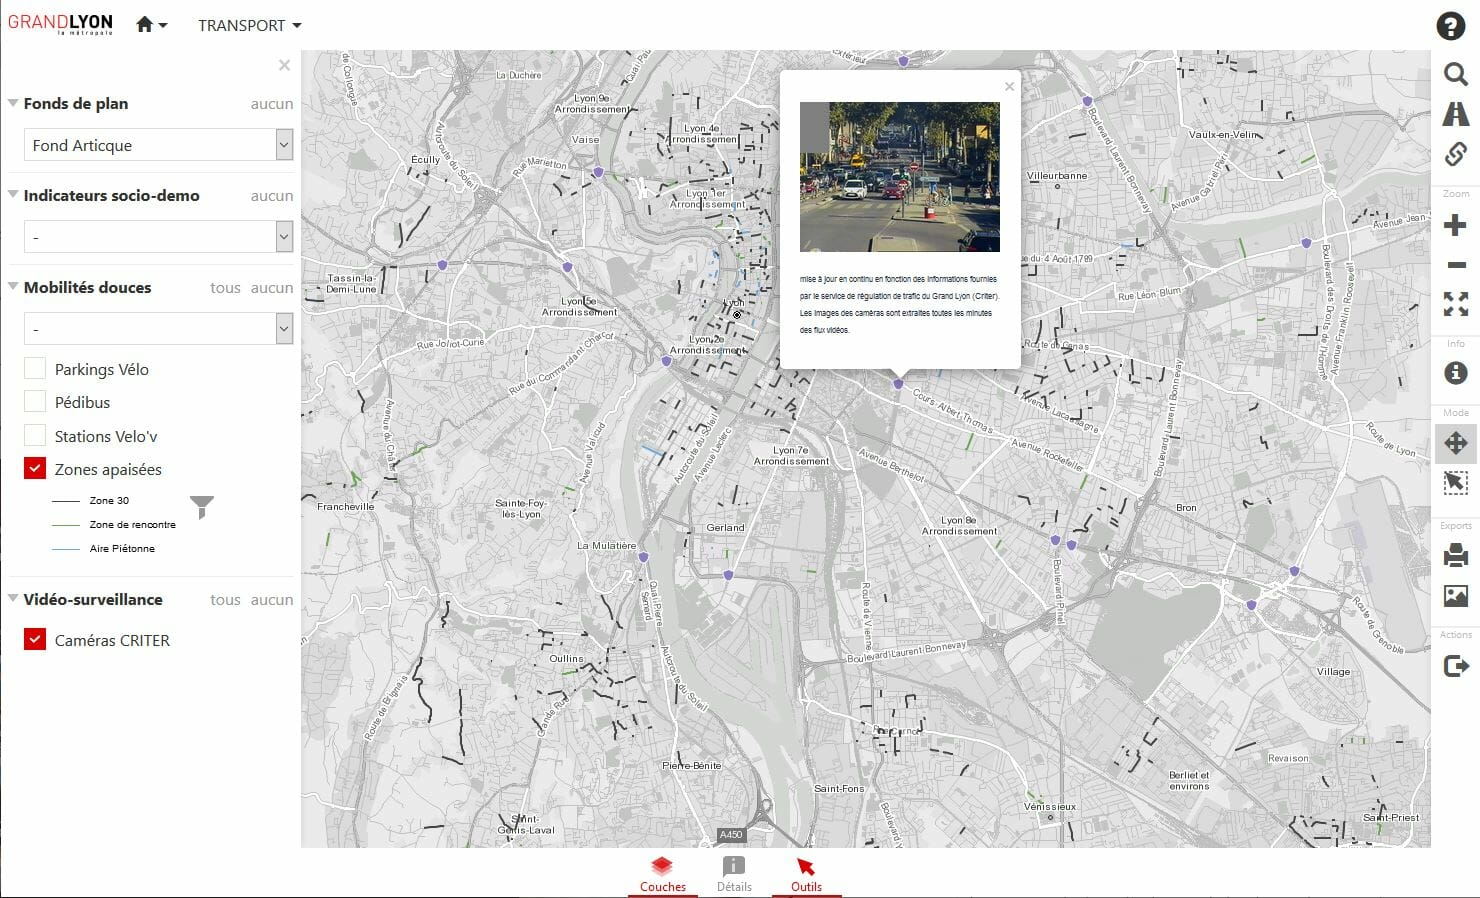 zones apaisees du Grand Lyon